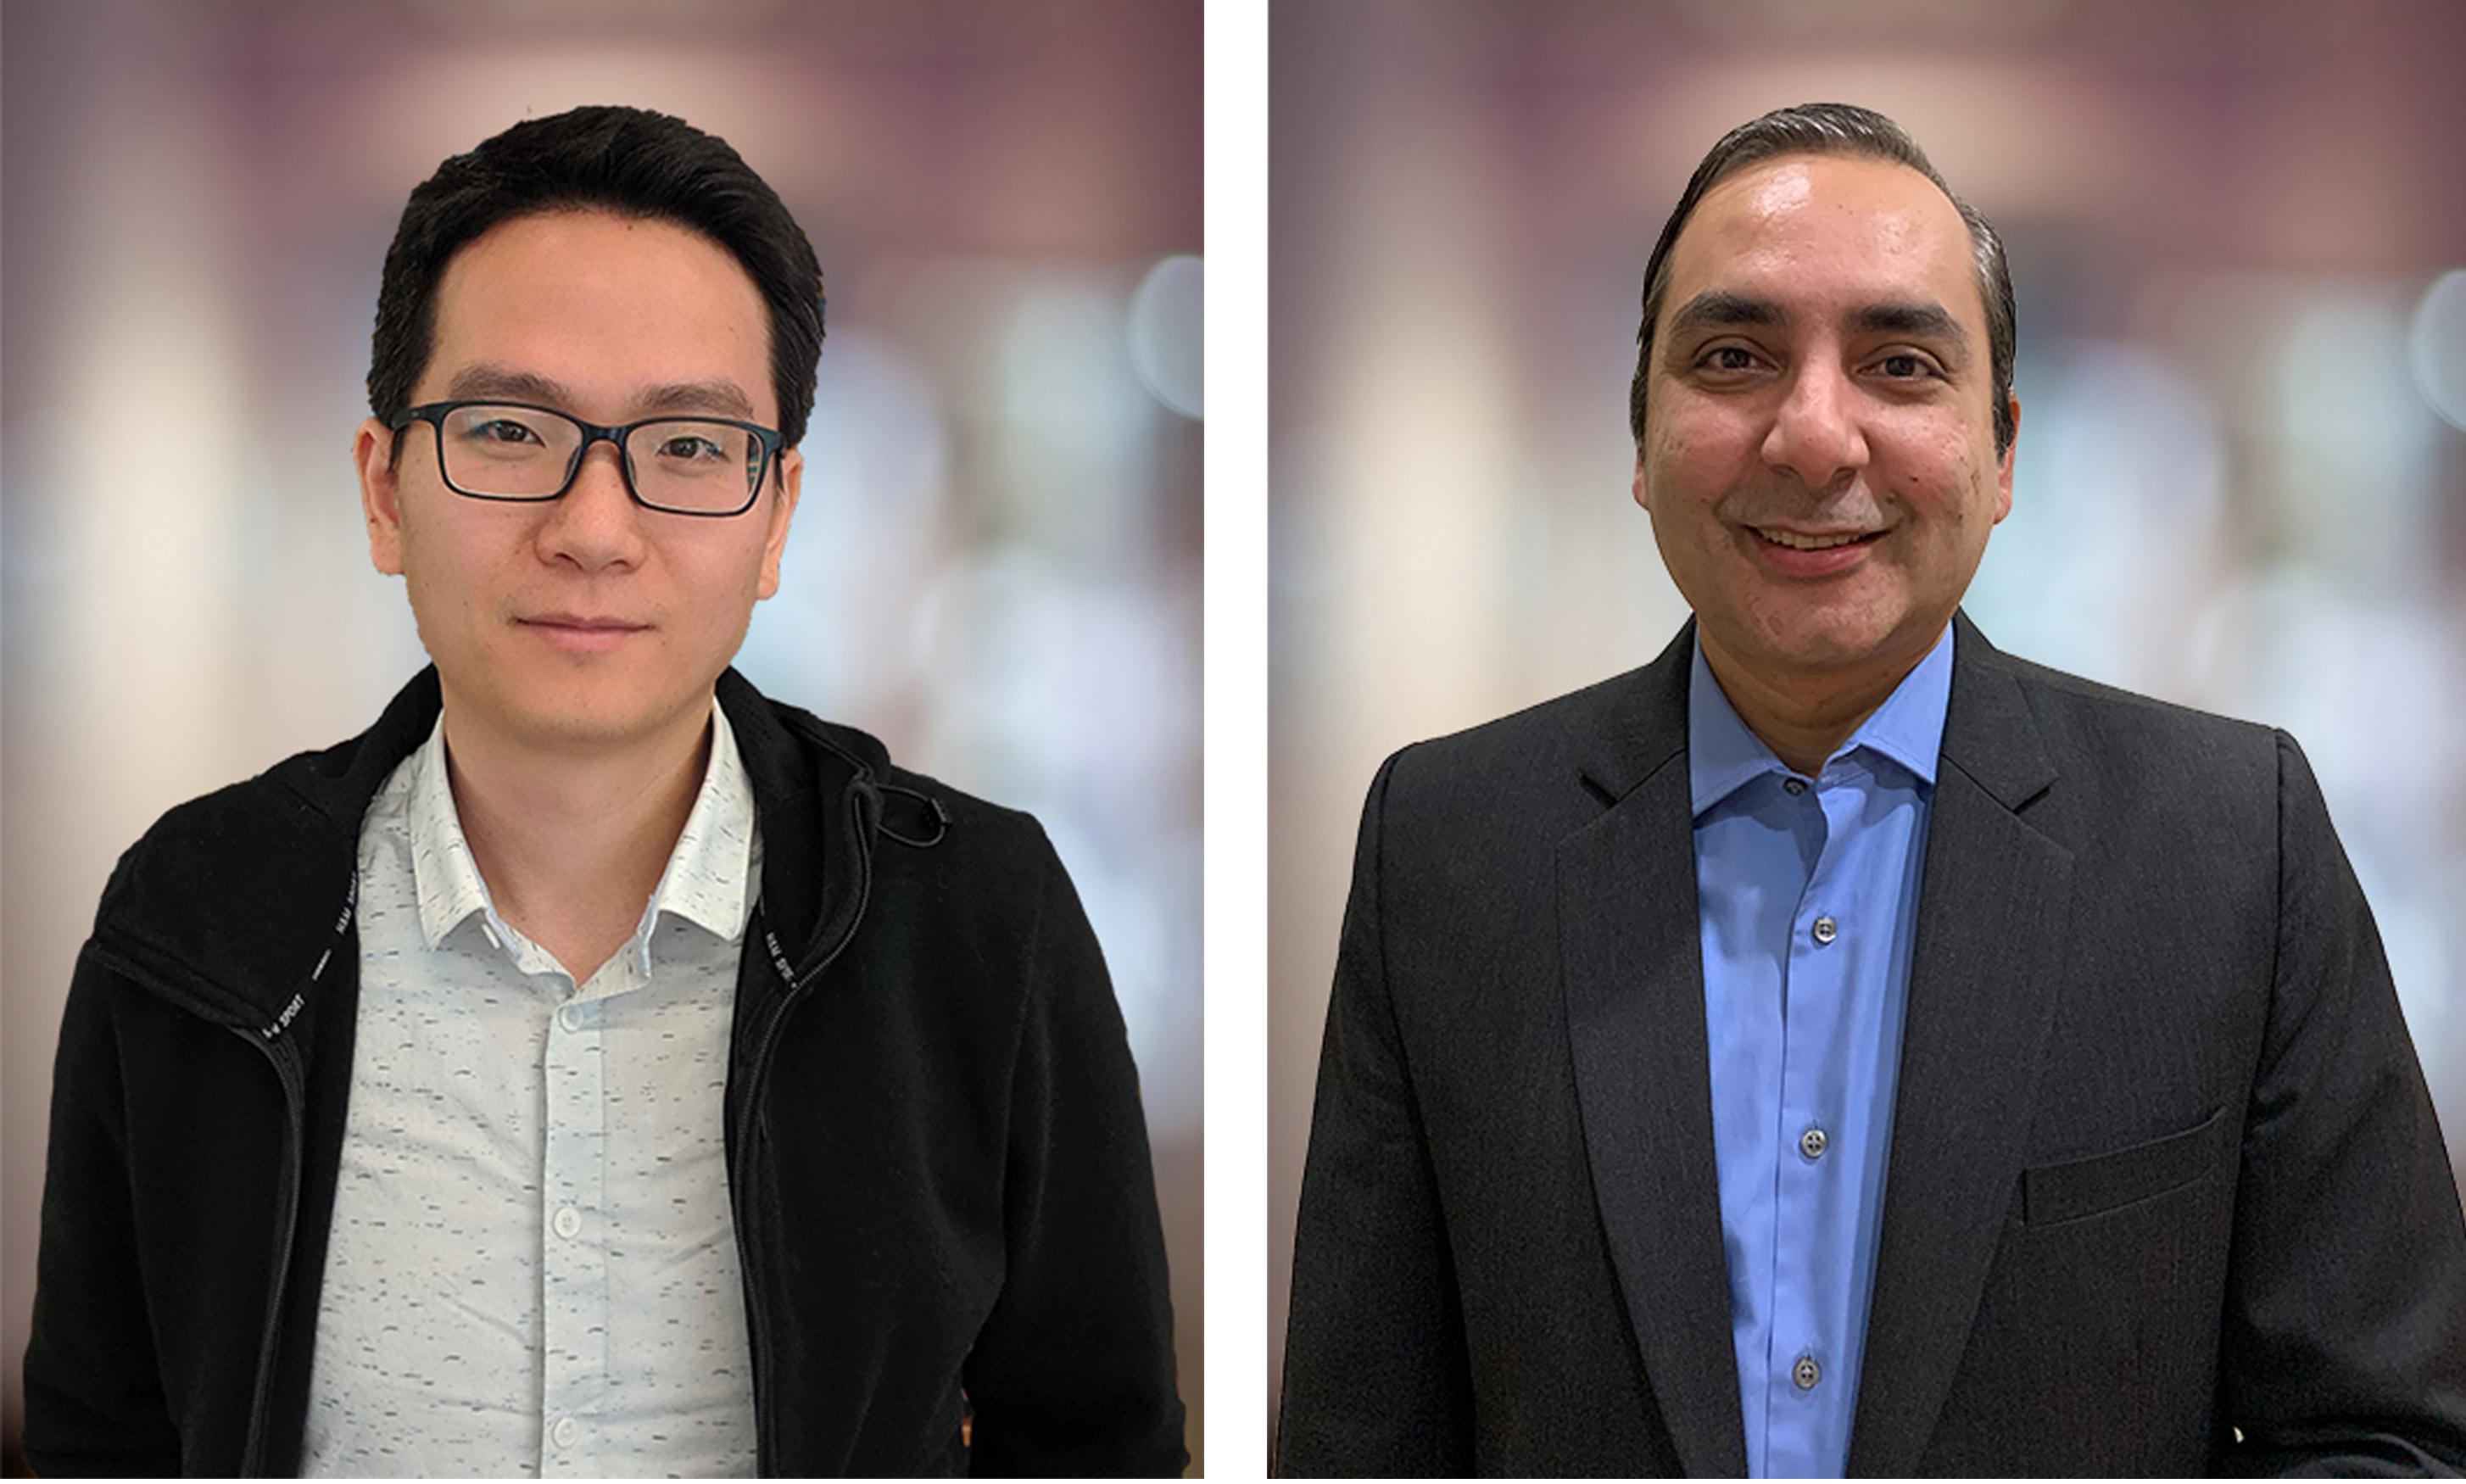 Xiaojian Huang & Shivalik Prasad Join Sibros